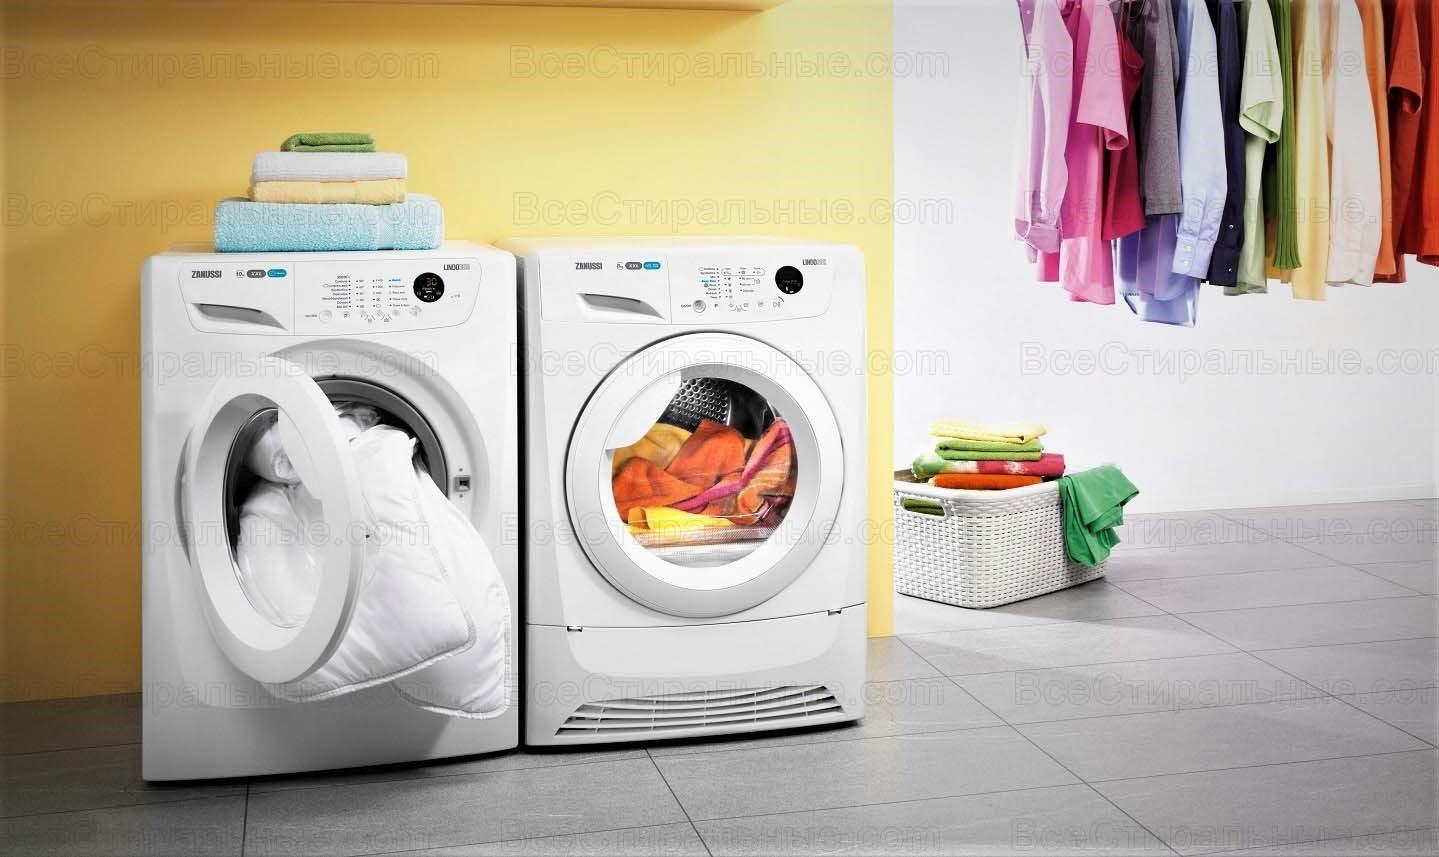 Итальянские стиральные машины